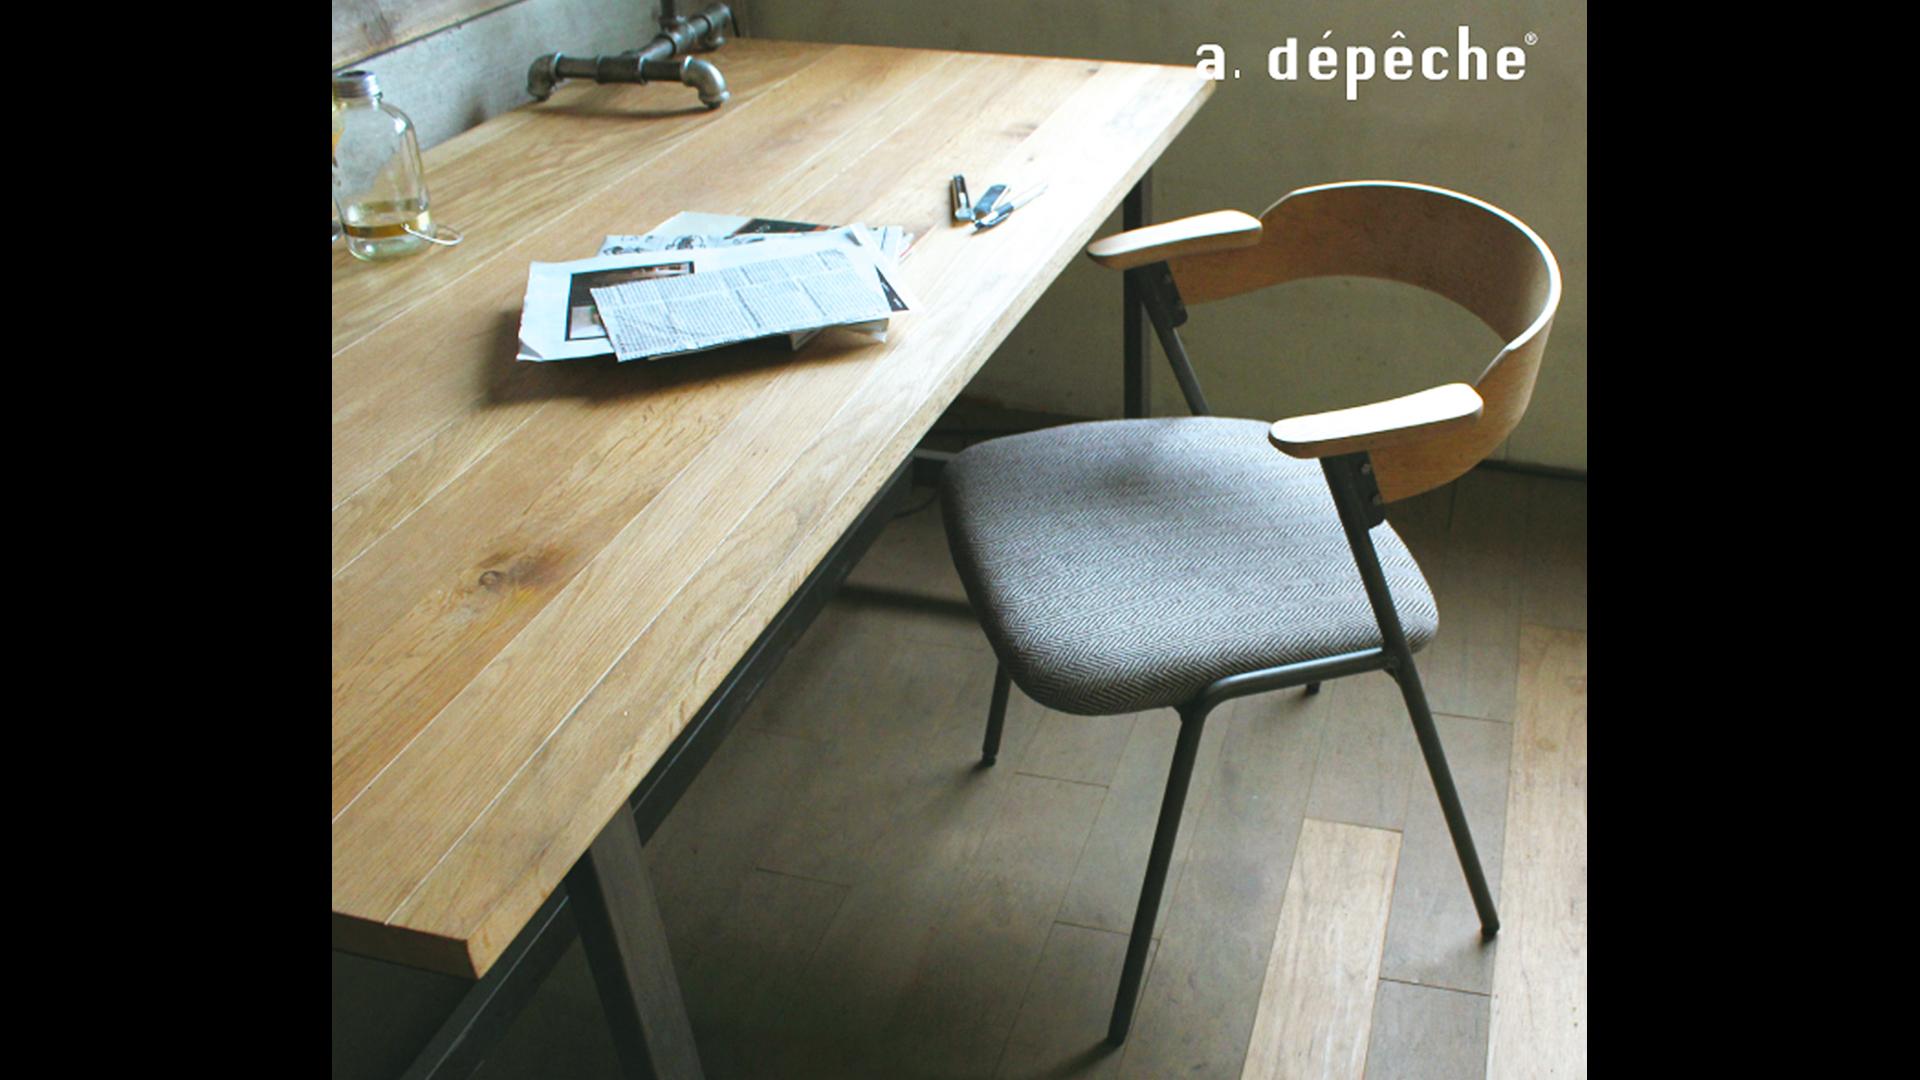 アデペシュのダニス・ショートアームチェアのイメージ画像